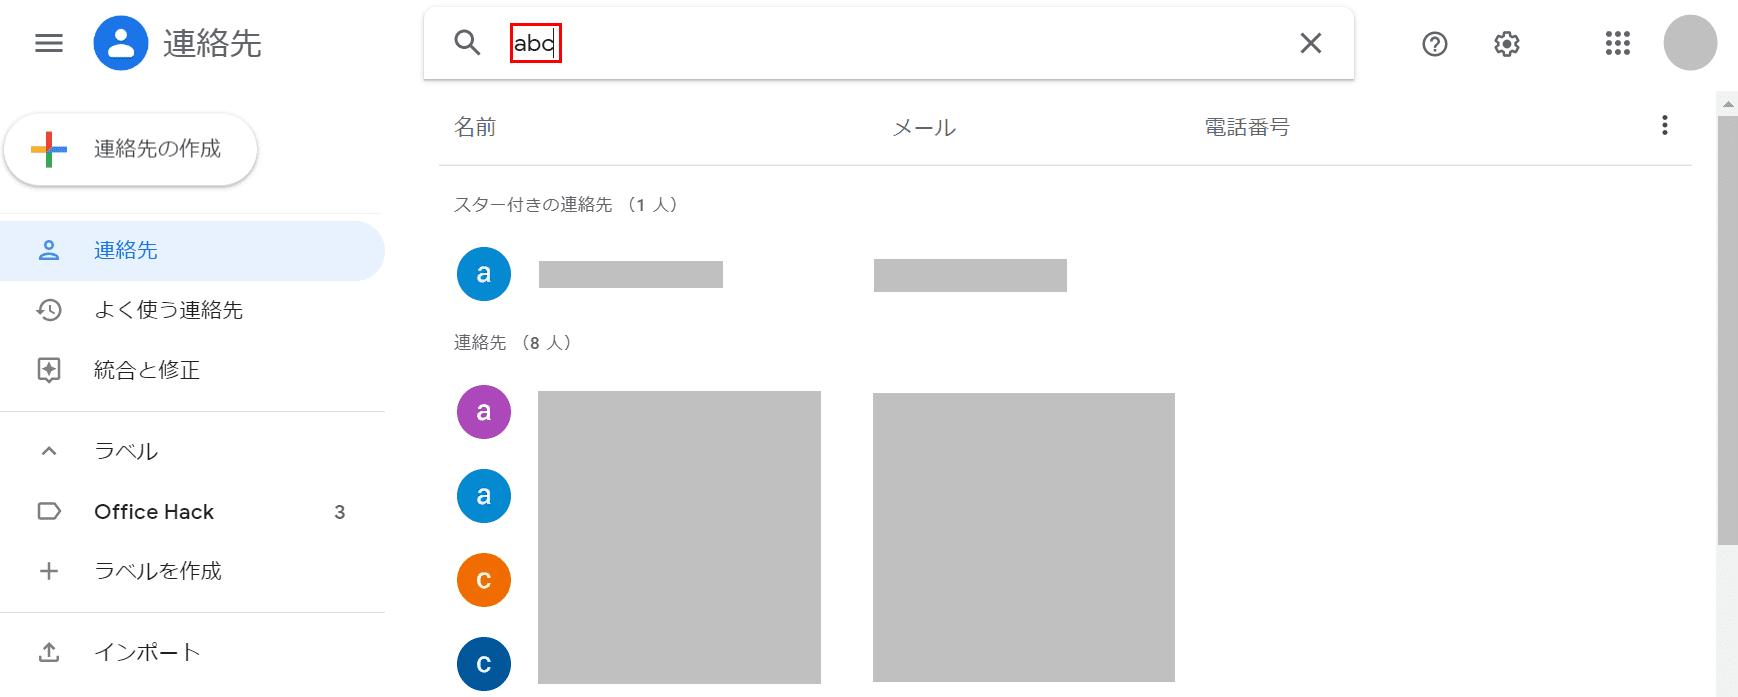 abcと検索